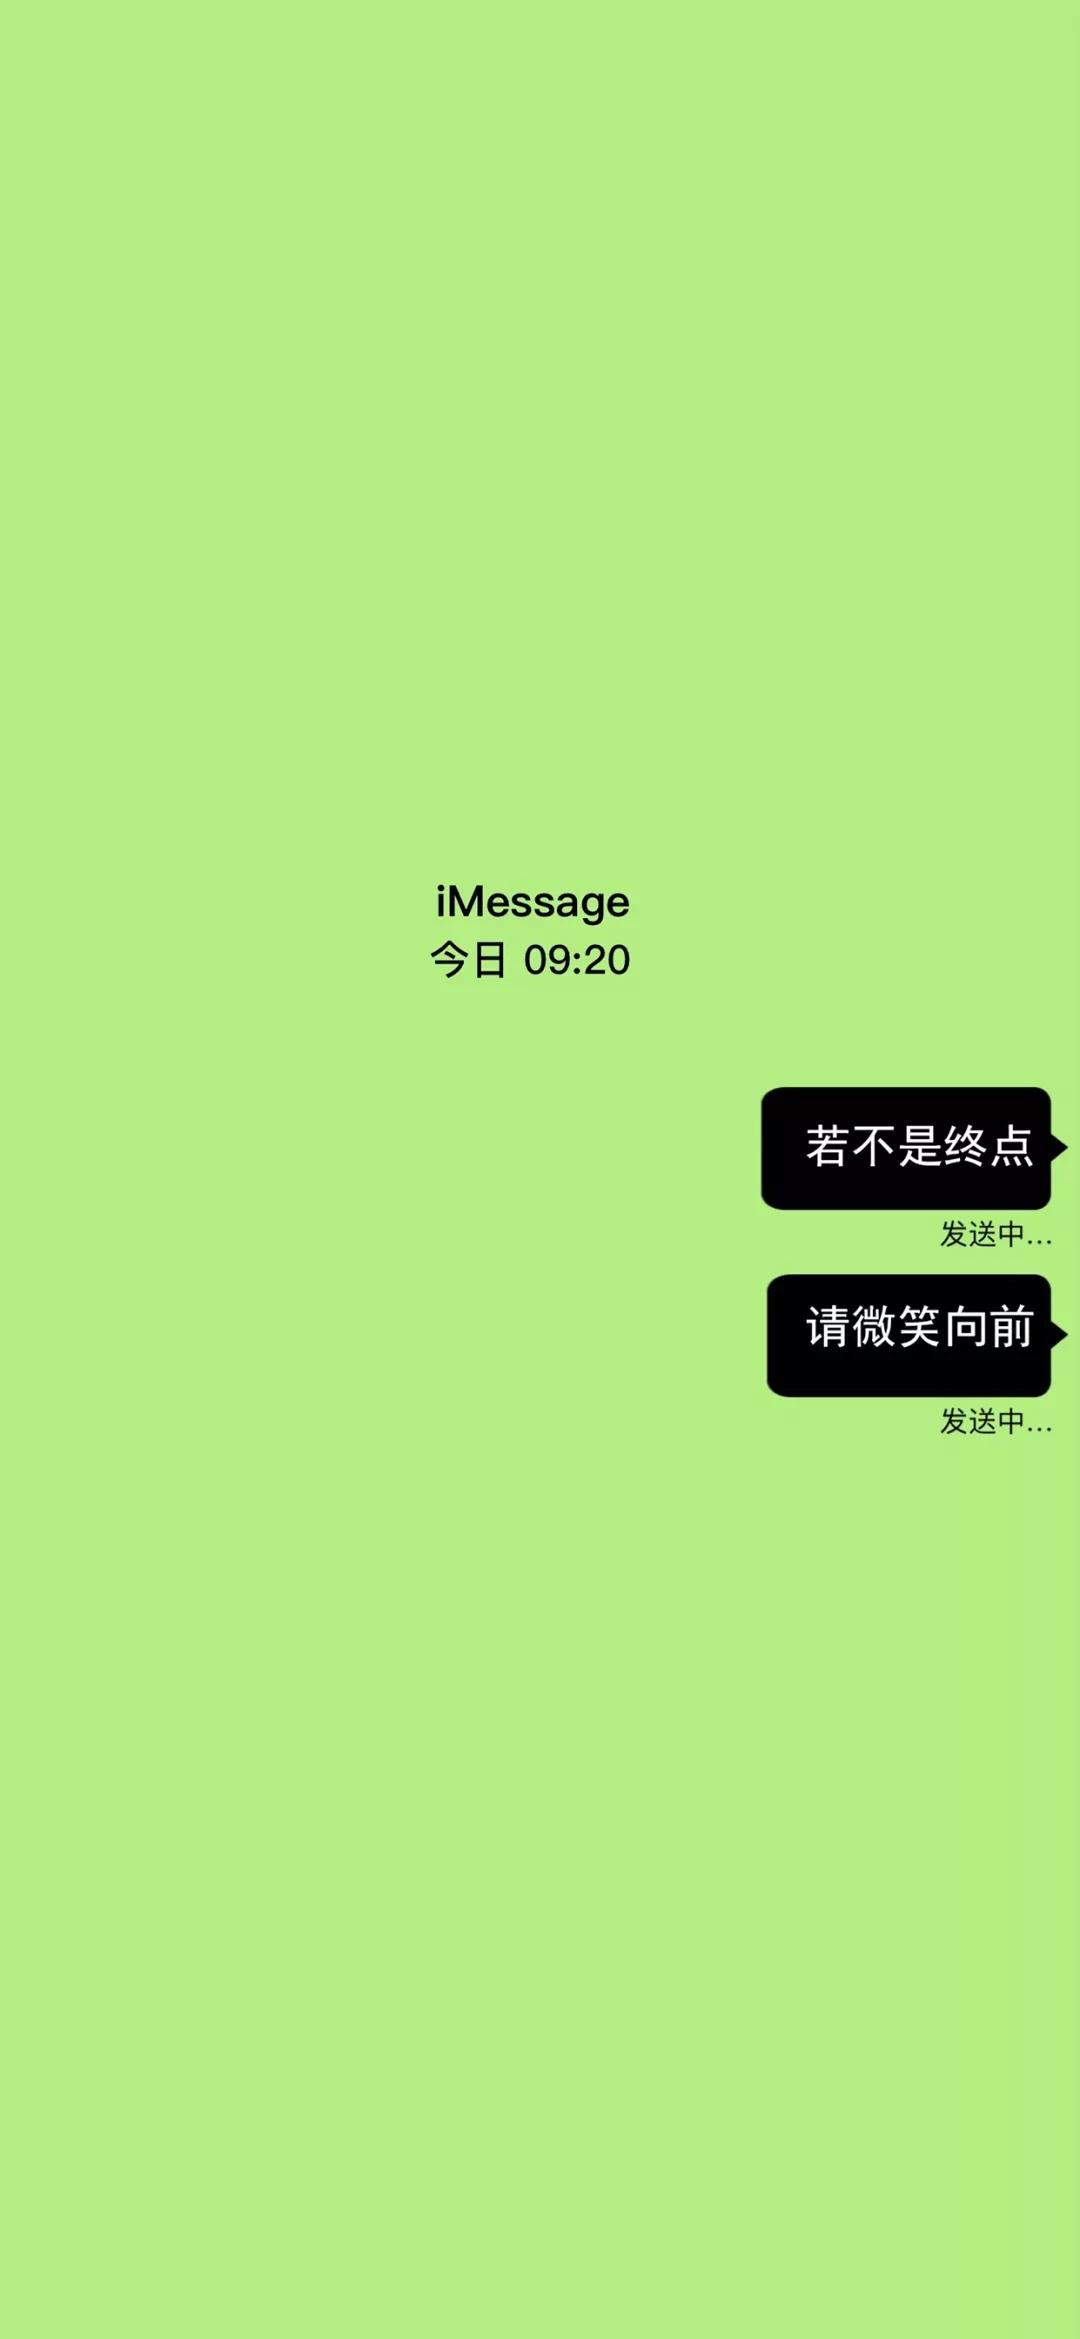 mmexport1557215863080.jpg